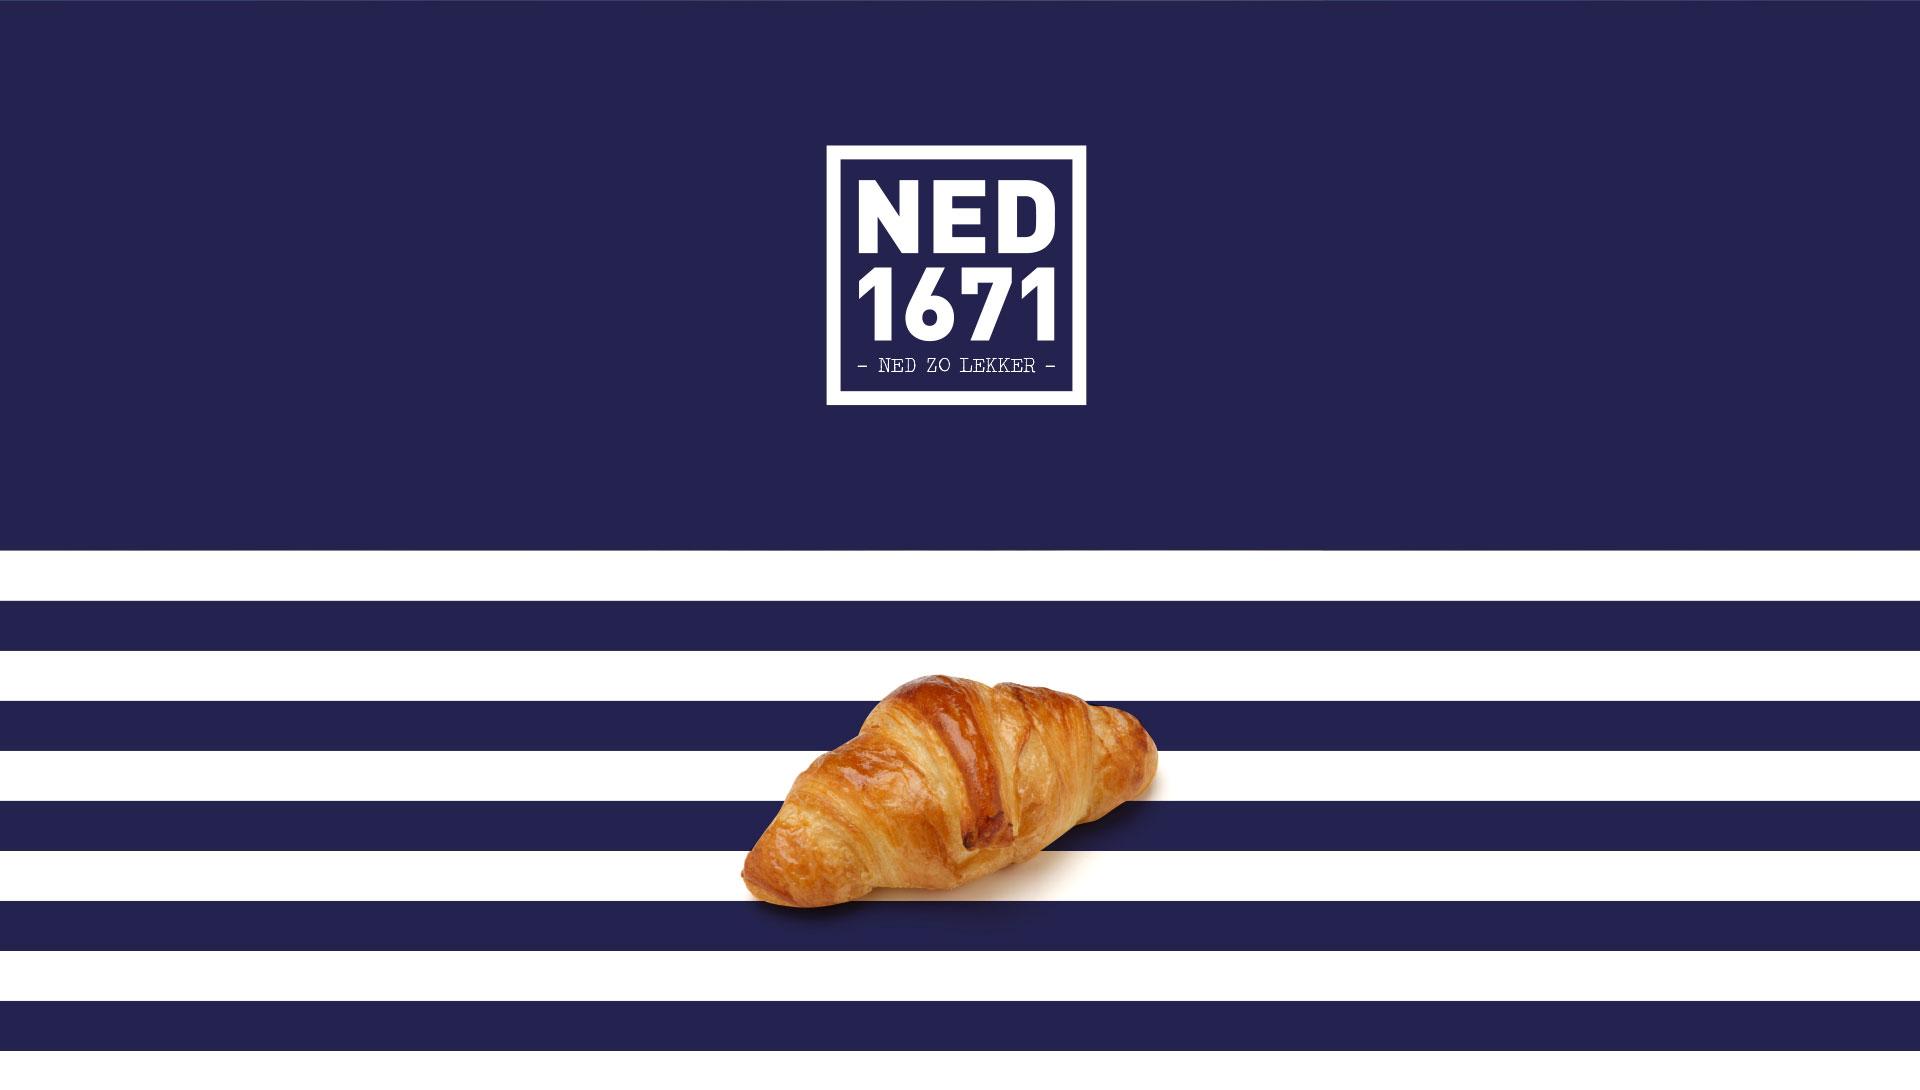 NED1671